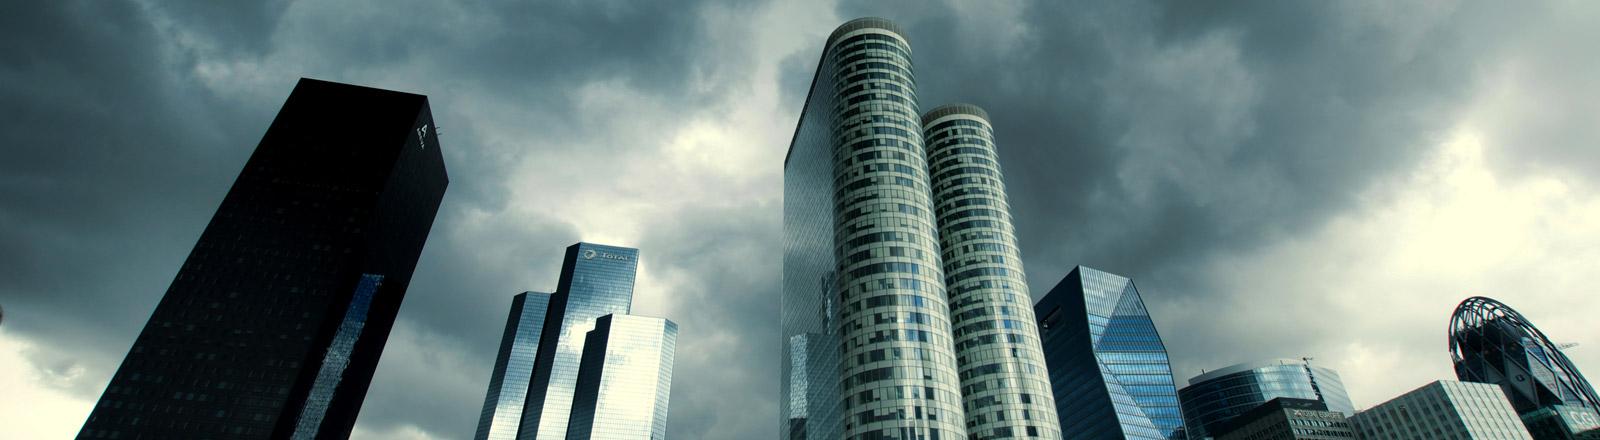 Bankengebäude mit schwarzen Wolken darüber